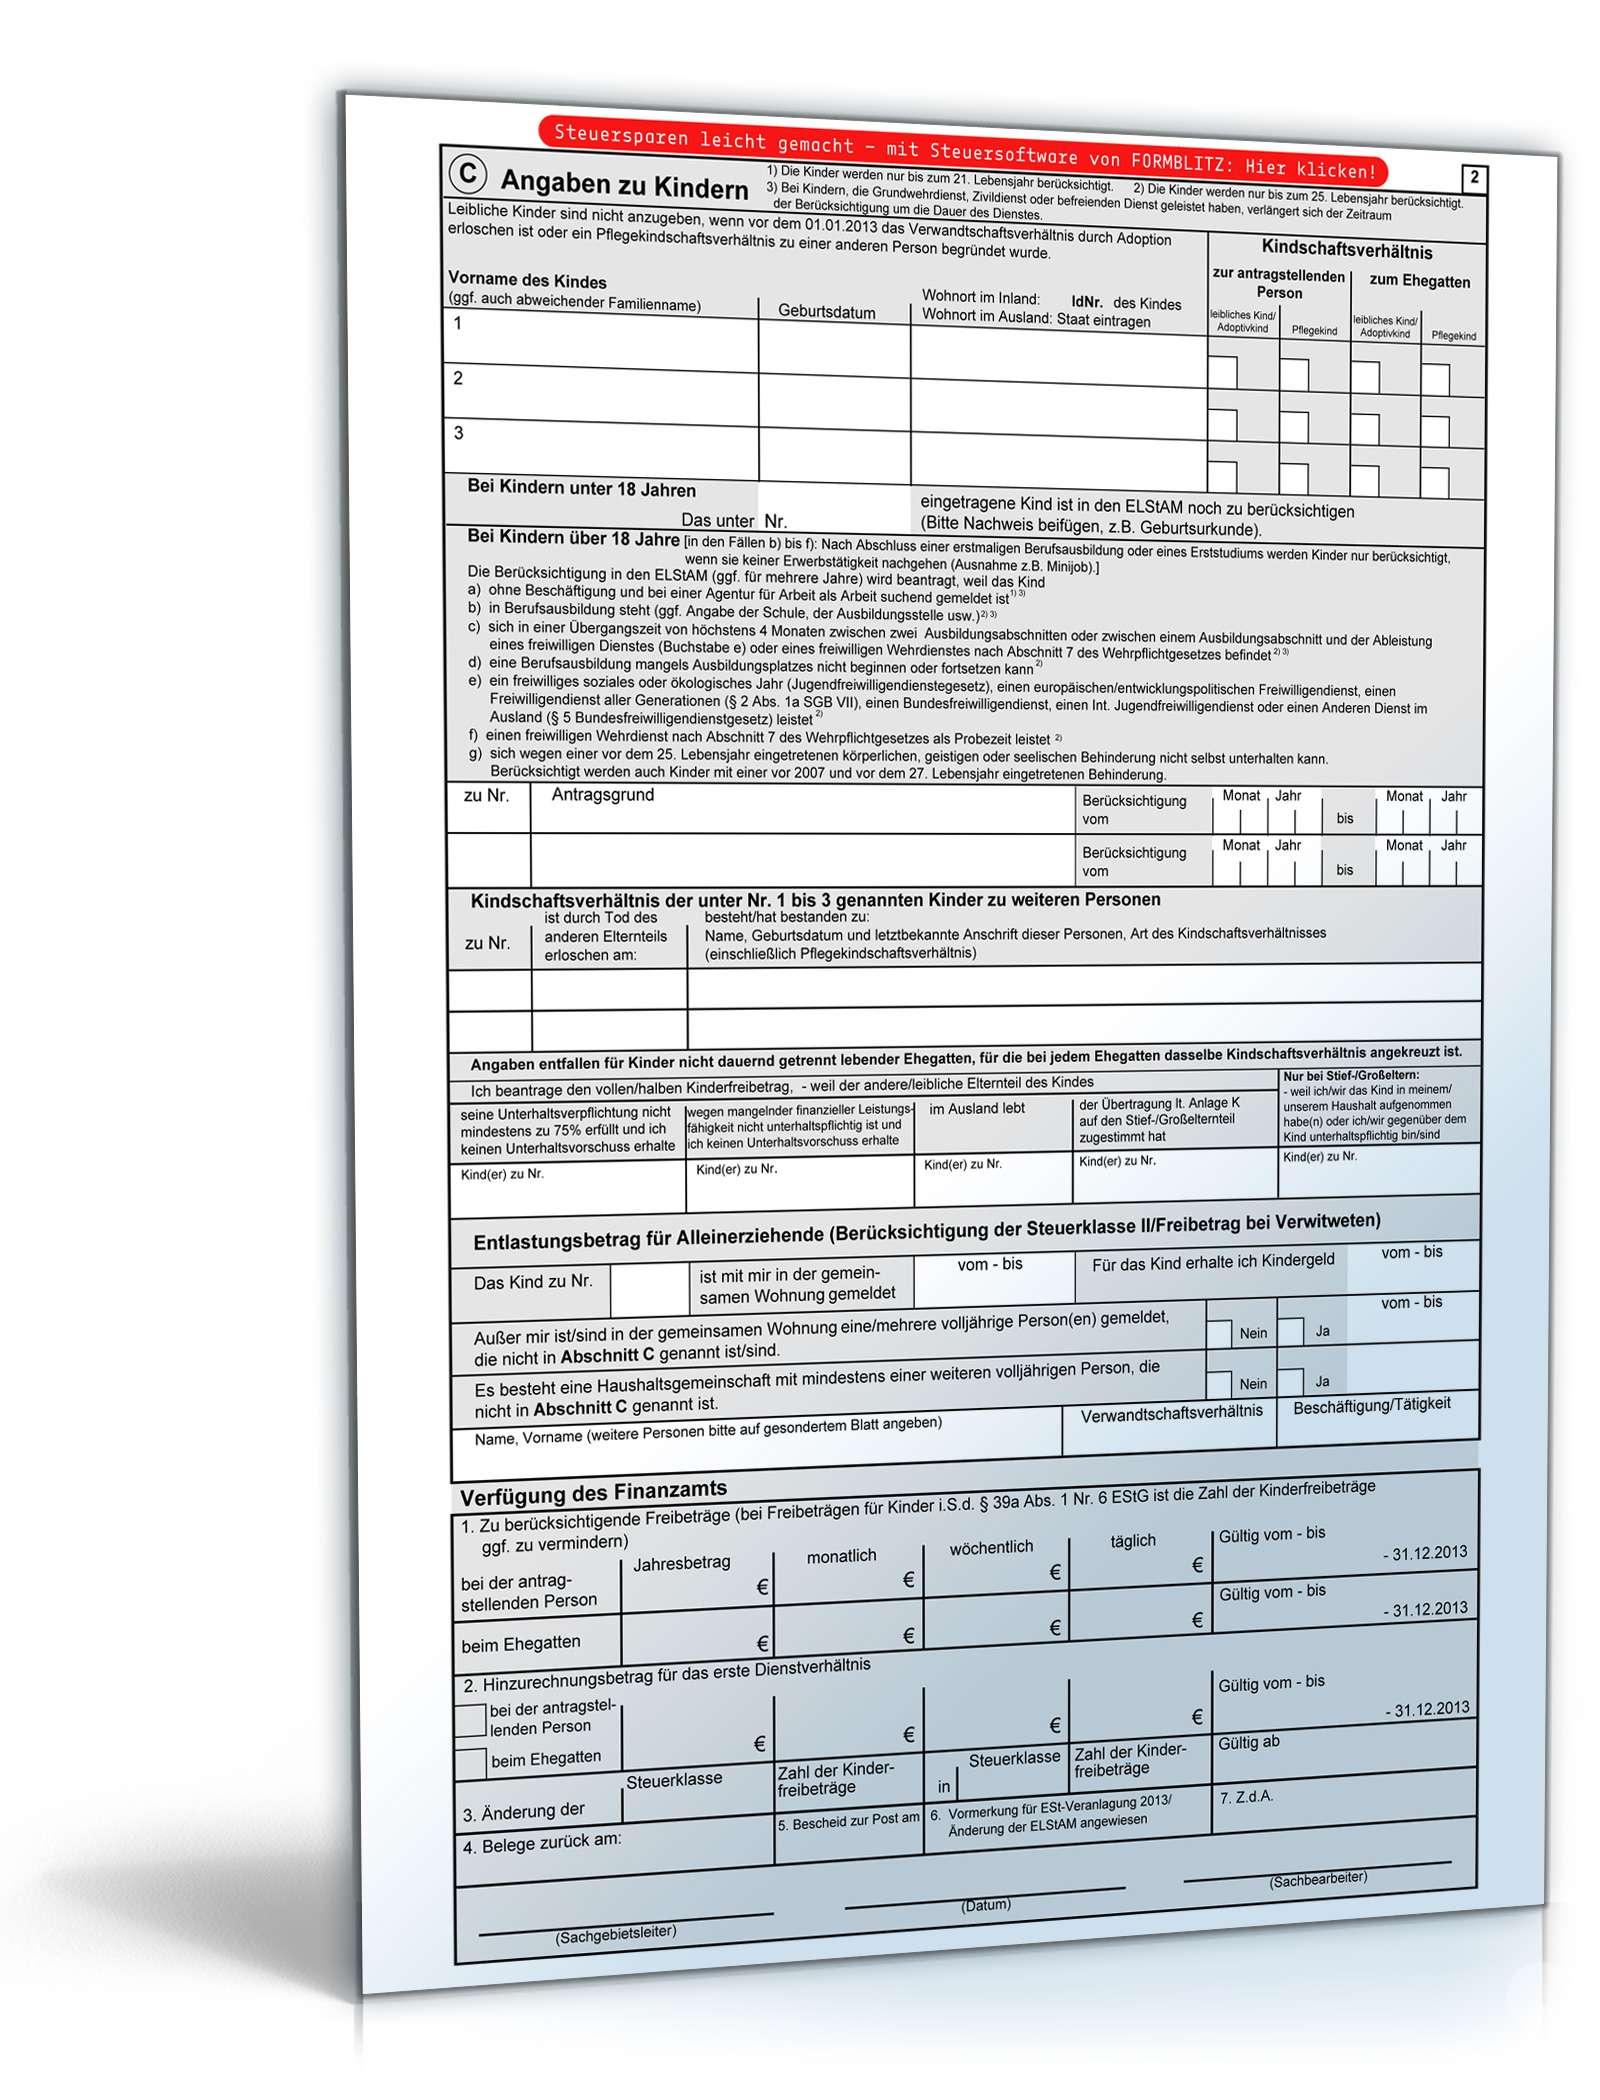 vereinfachter antrag auf lohnsteuererm igung 2013 formular zum download. Black Bedroom Furniture Sets. Home Design Ideas